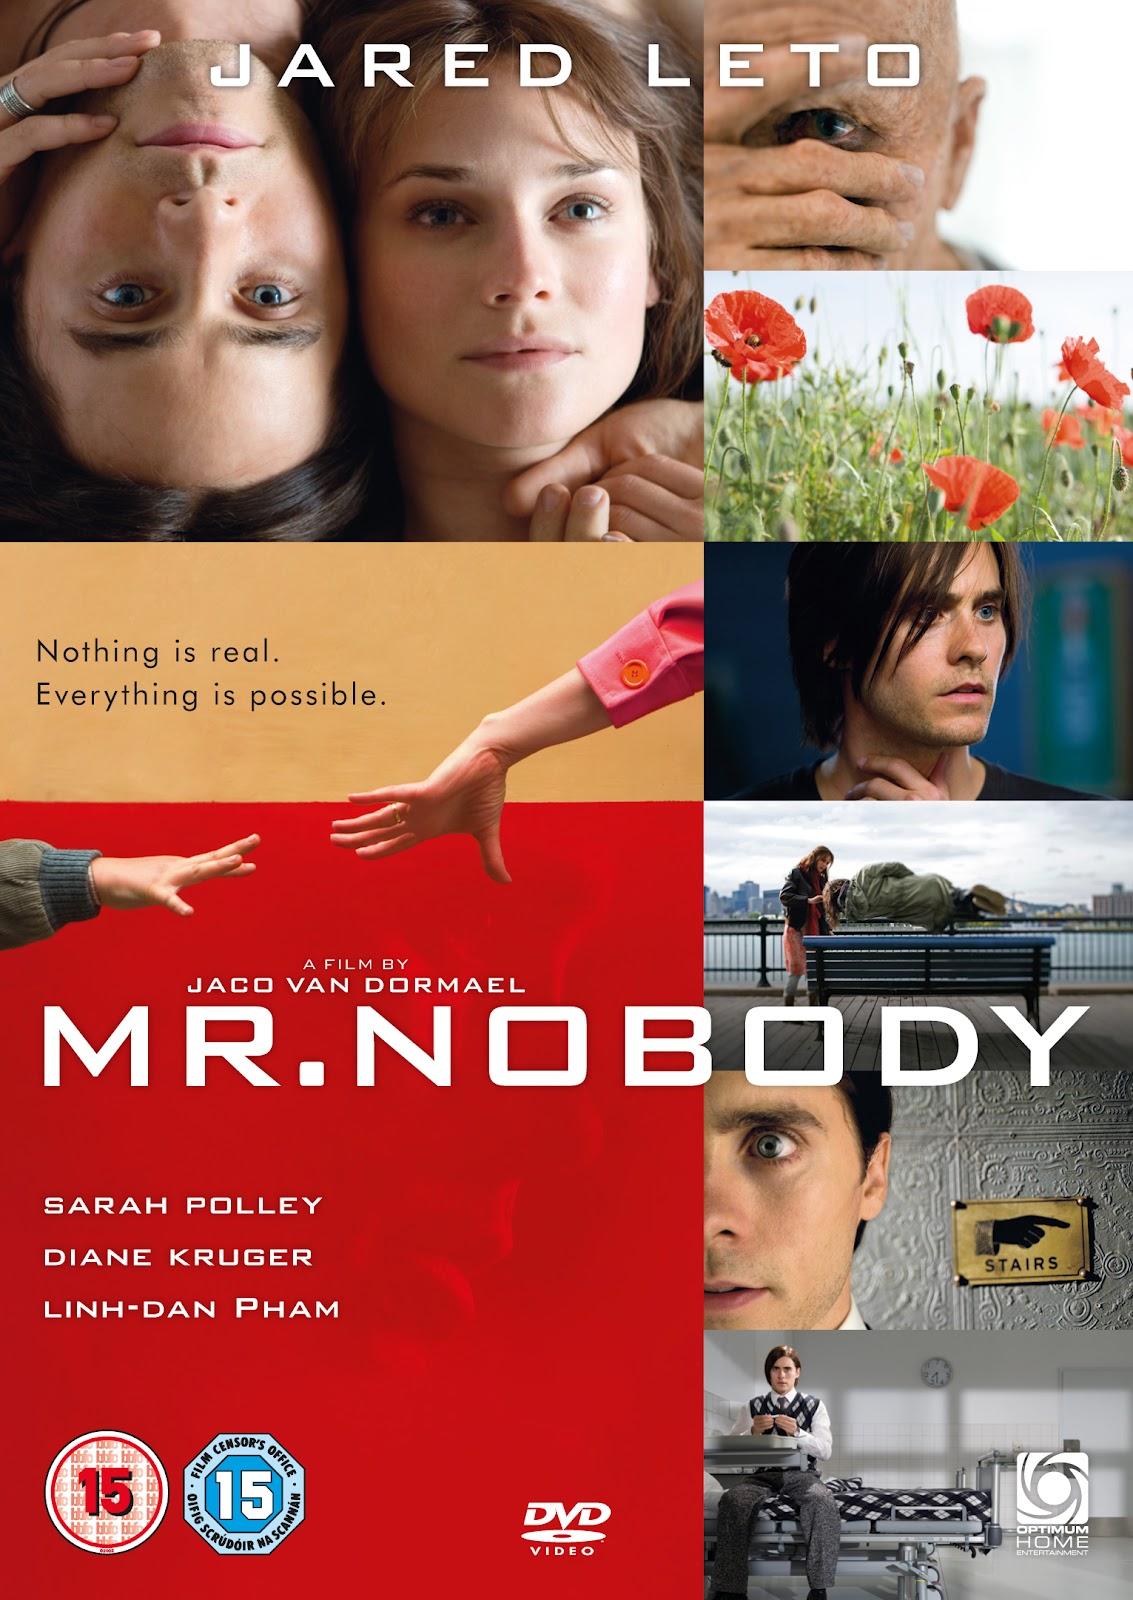 Nobody Film